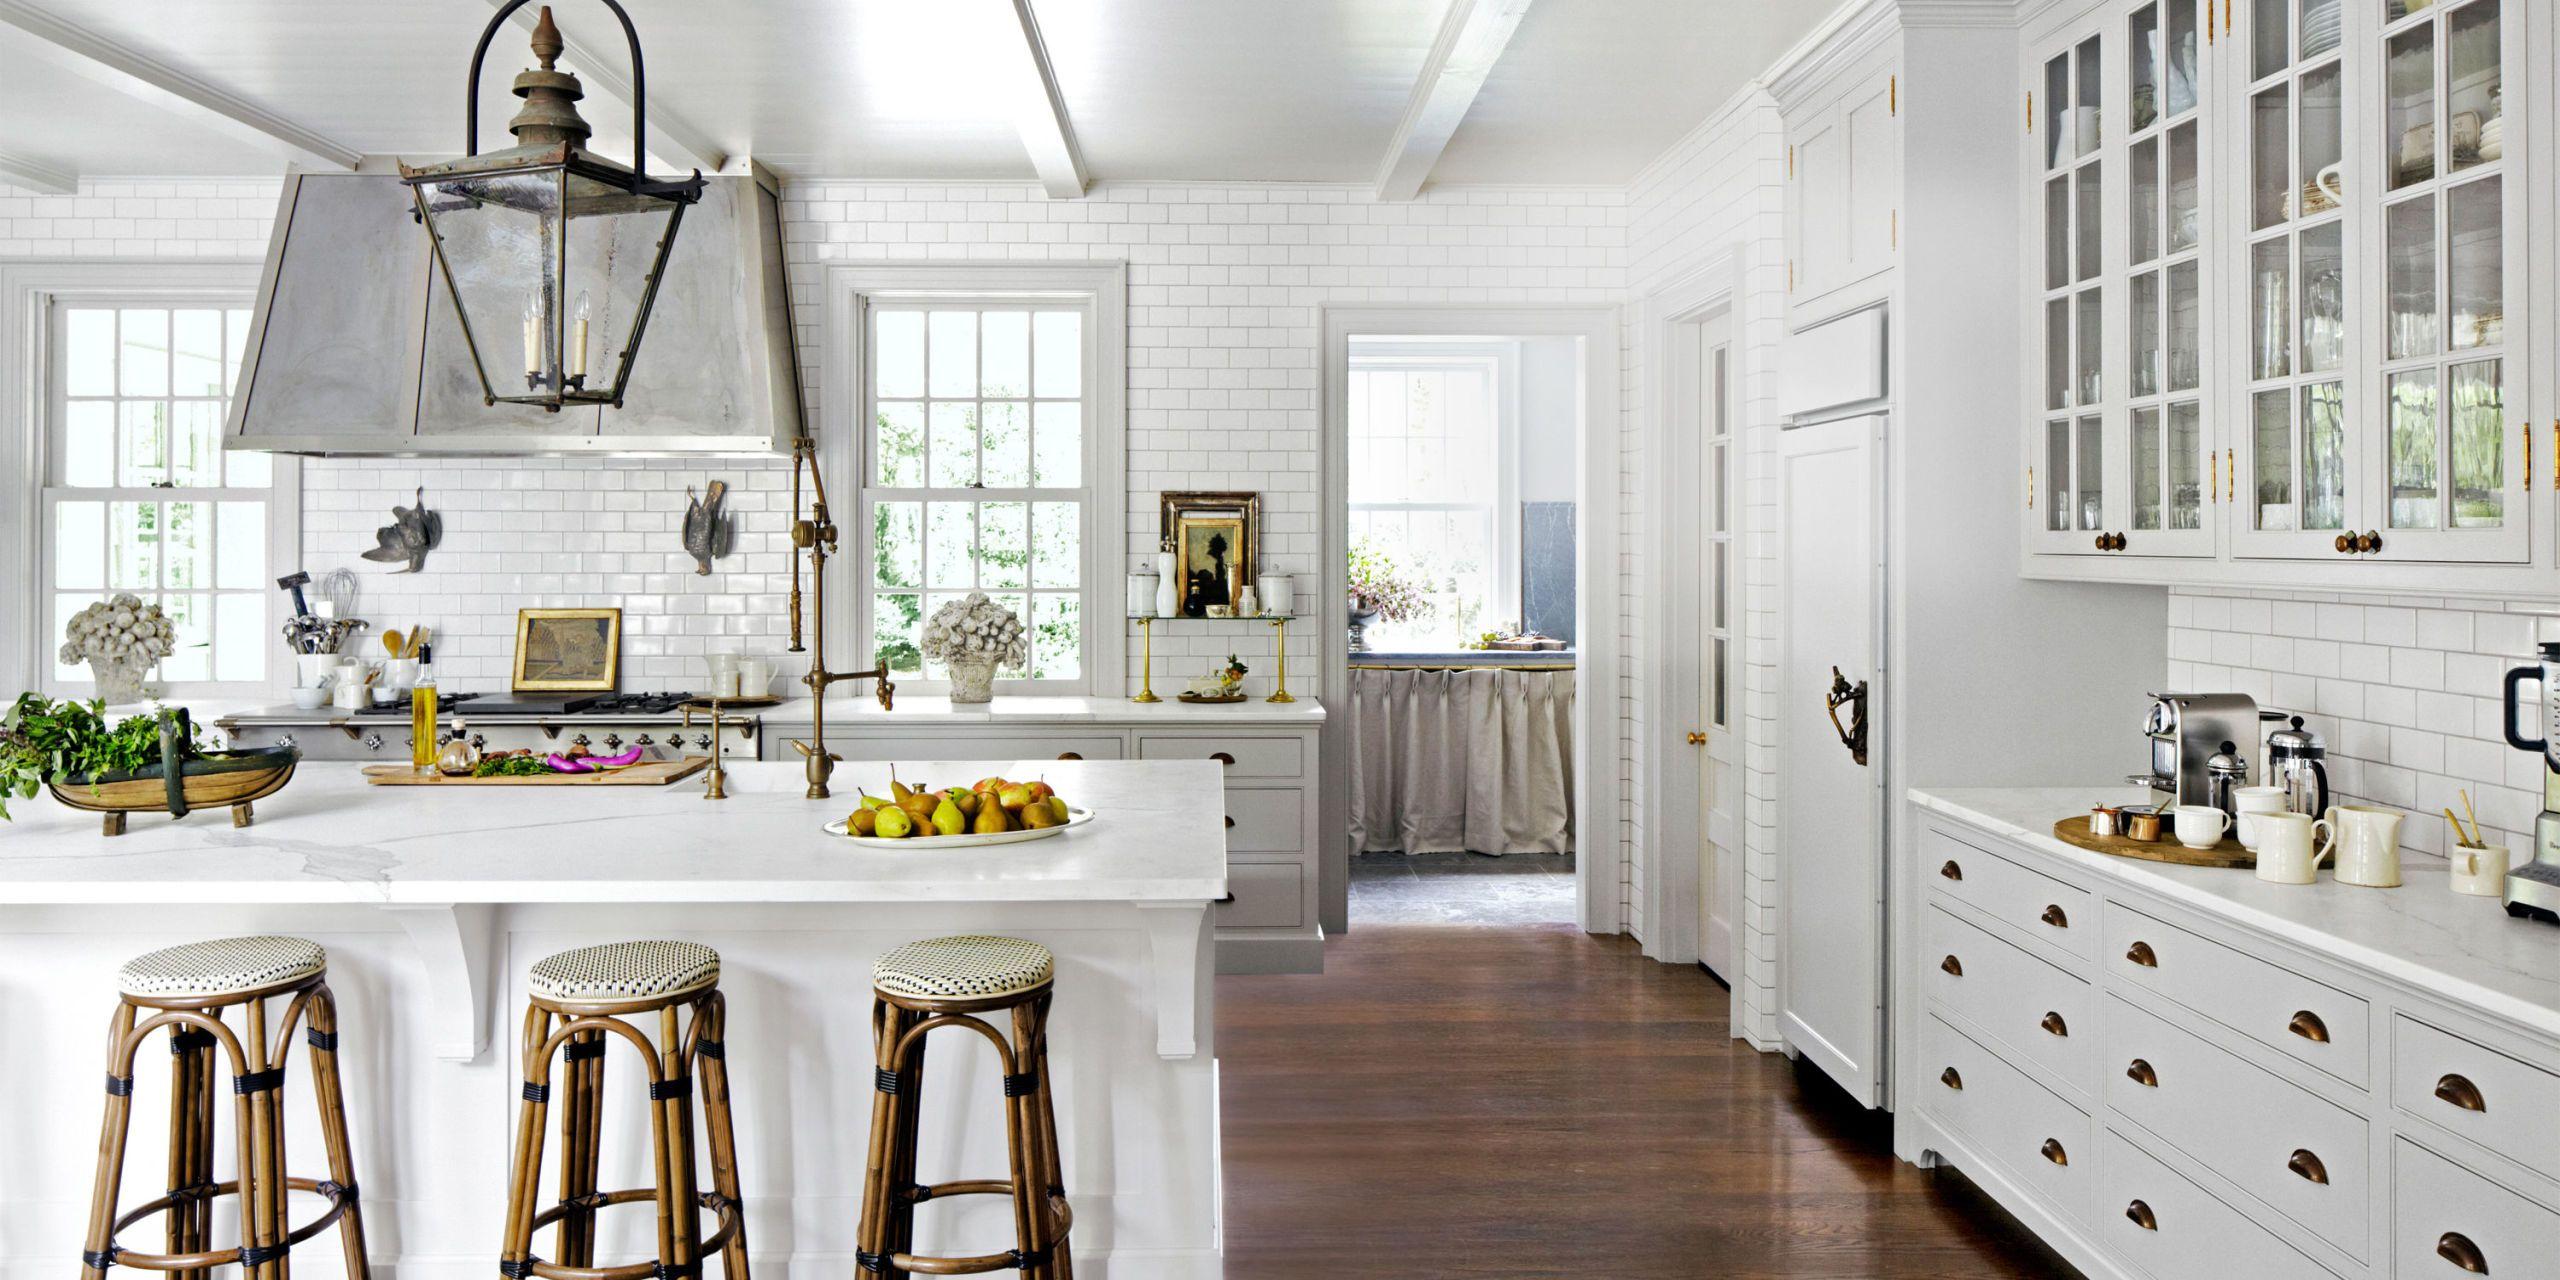 Amazing Kitchens Style